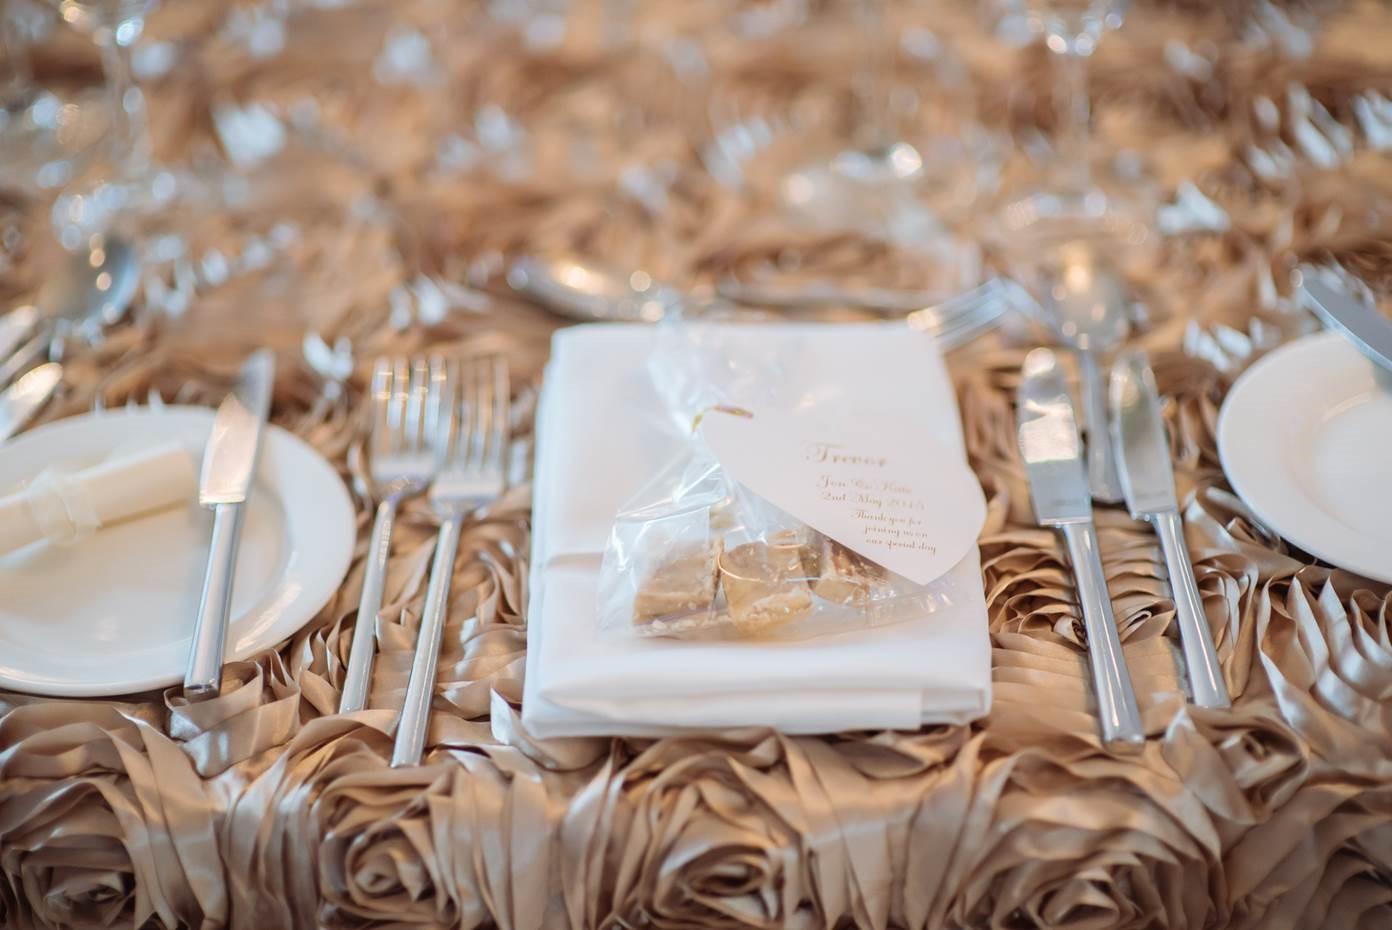 Tulfarris Hotel Wedding flower table cloth and table setting.jpg